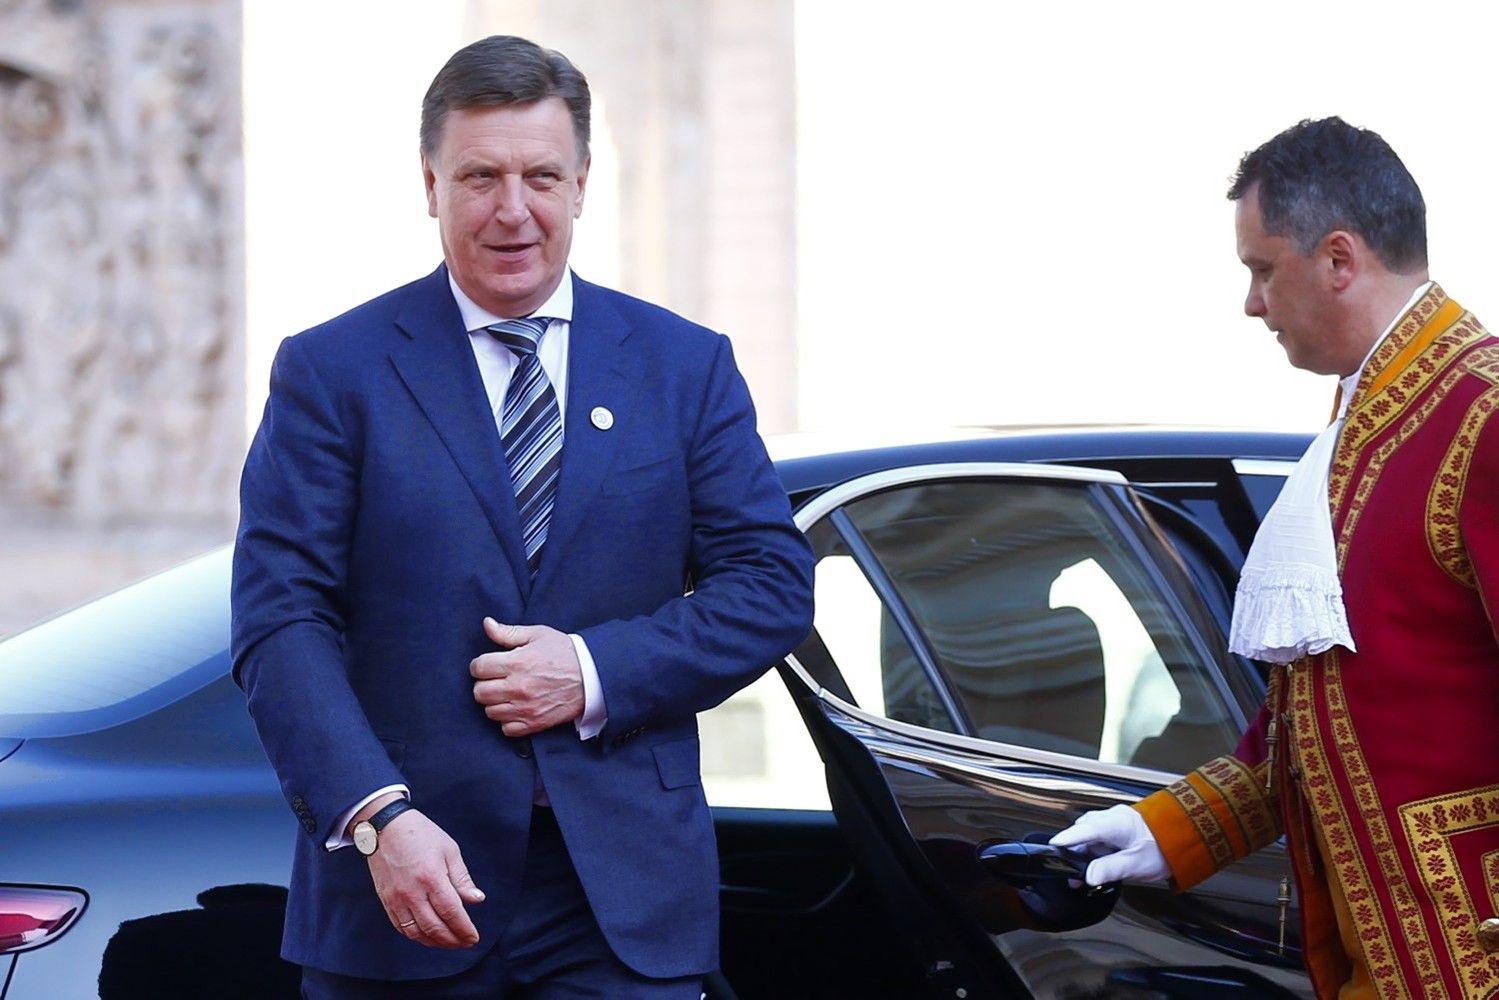 """Latvijos """"oligarchų byla"""" griauna pasitikėjimą šalies politika ir teisėsauga"""